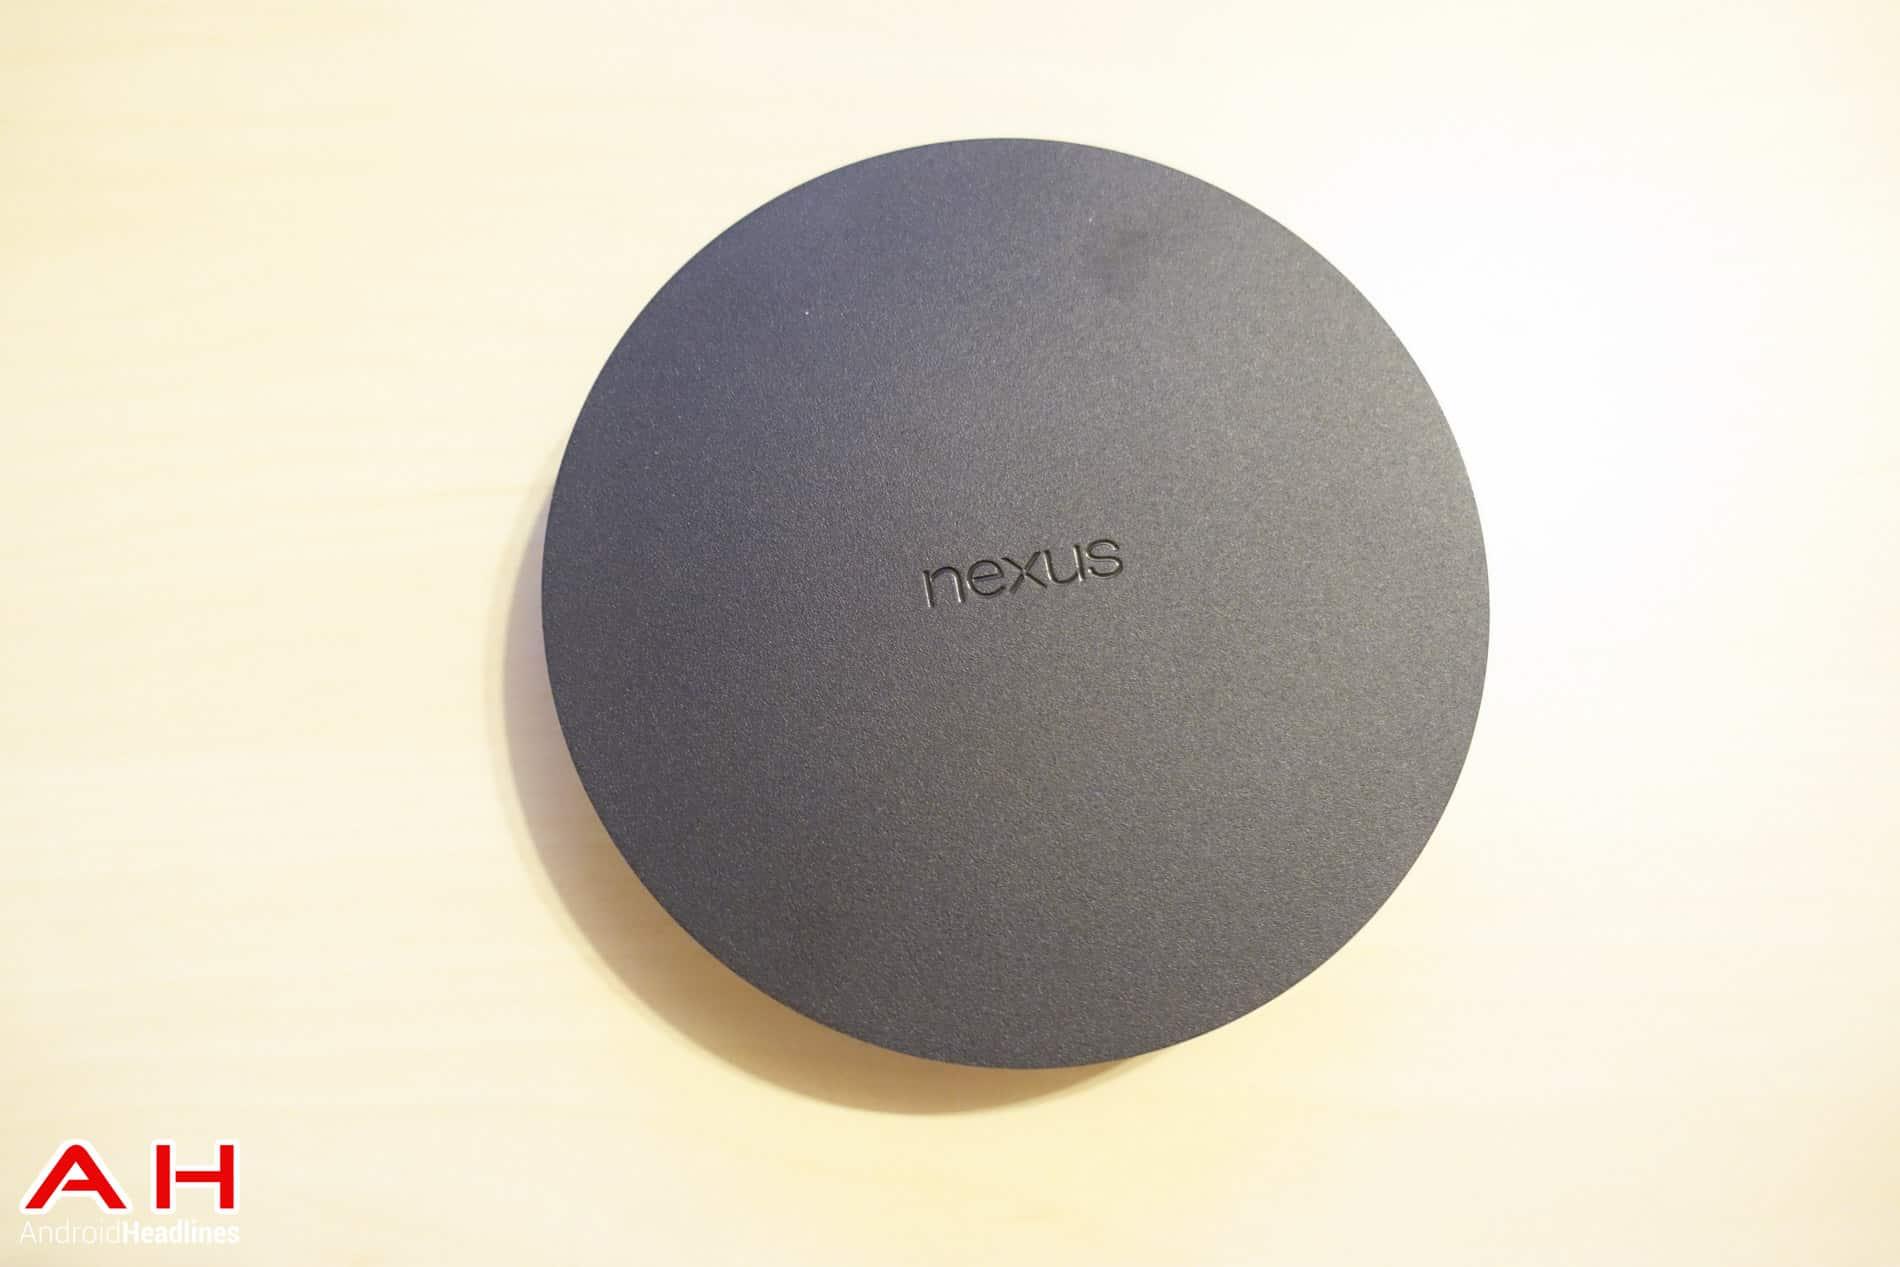 Nexus-Player-Review-AH-5